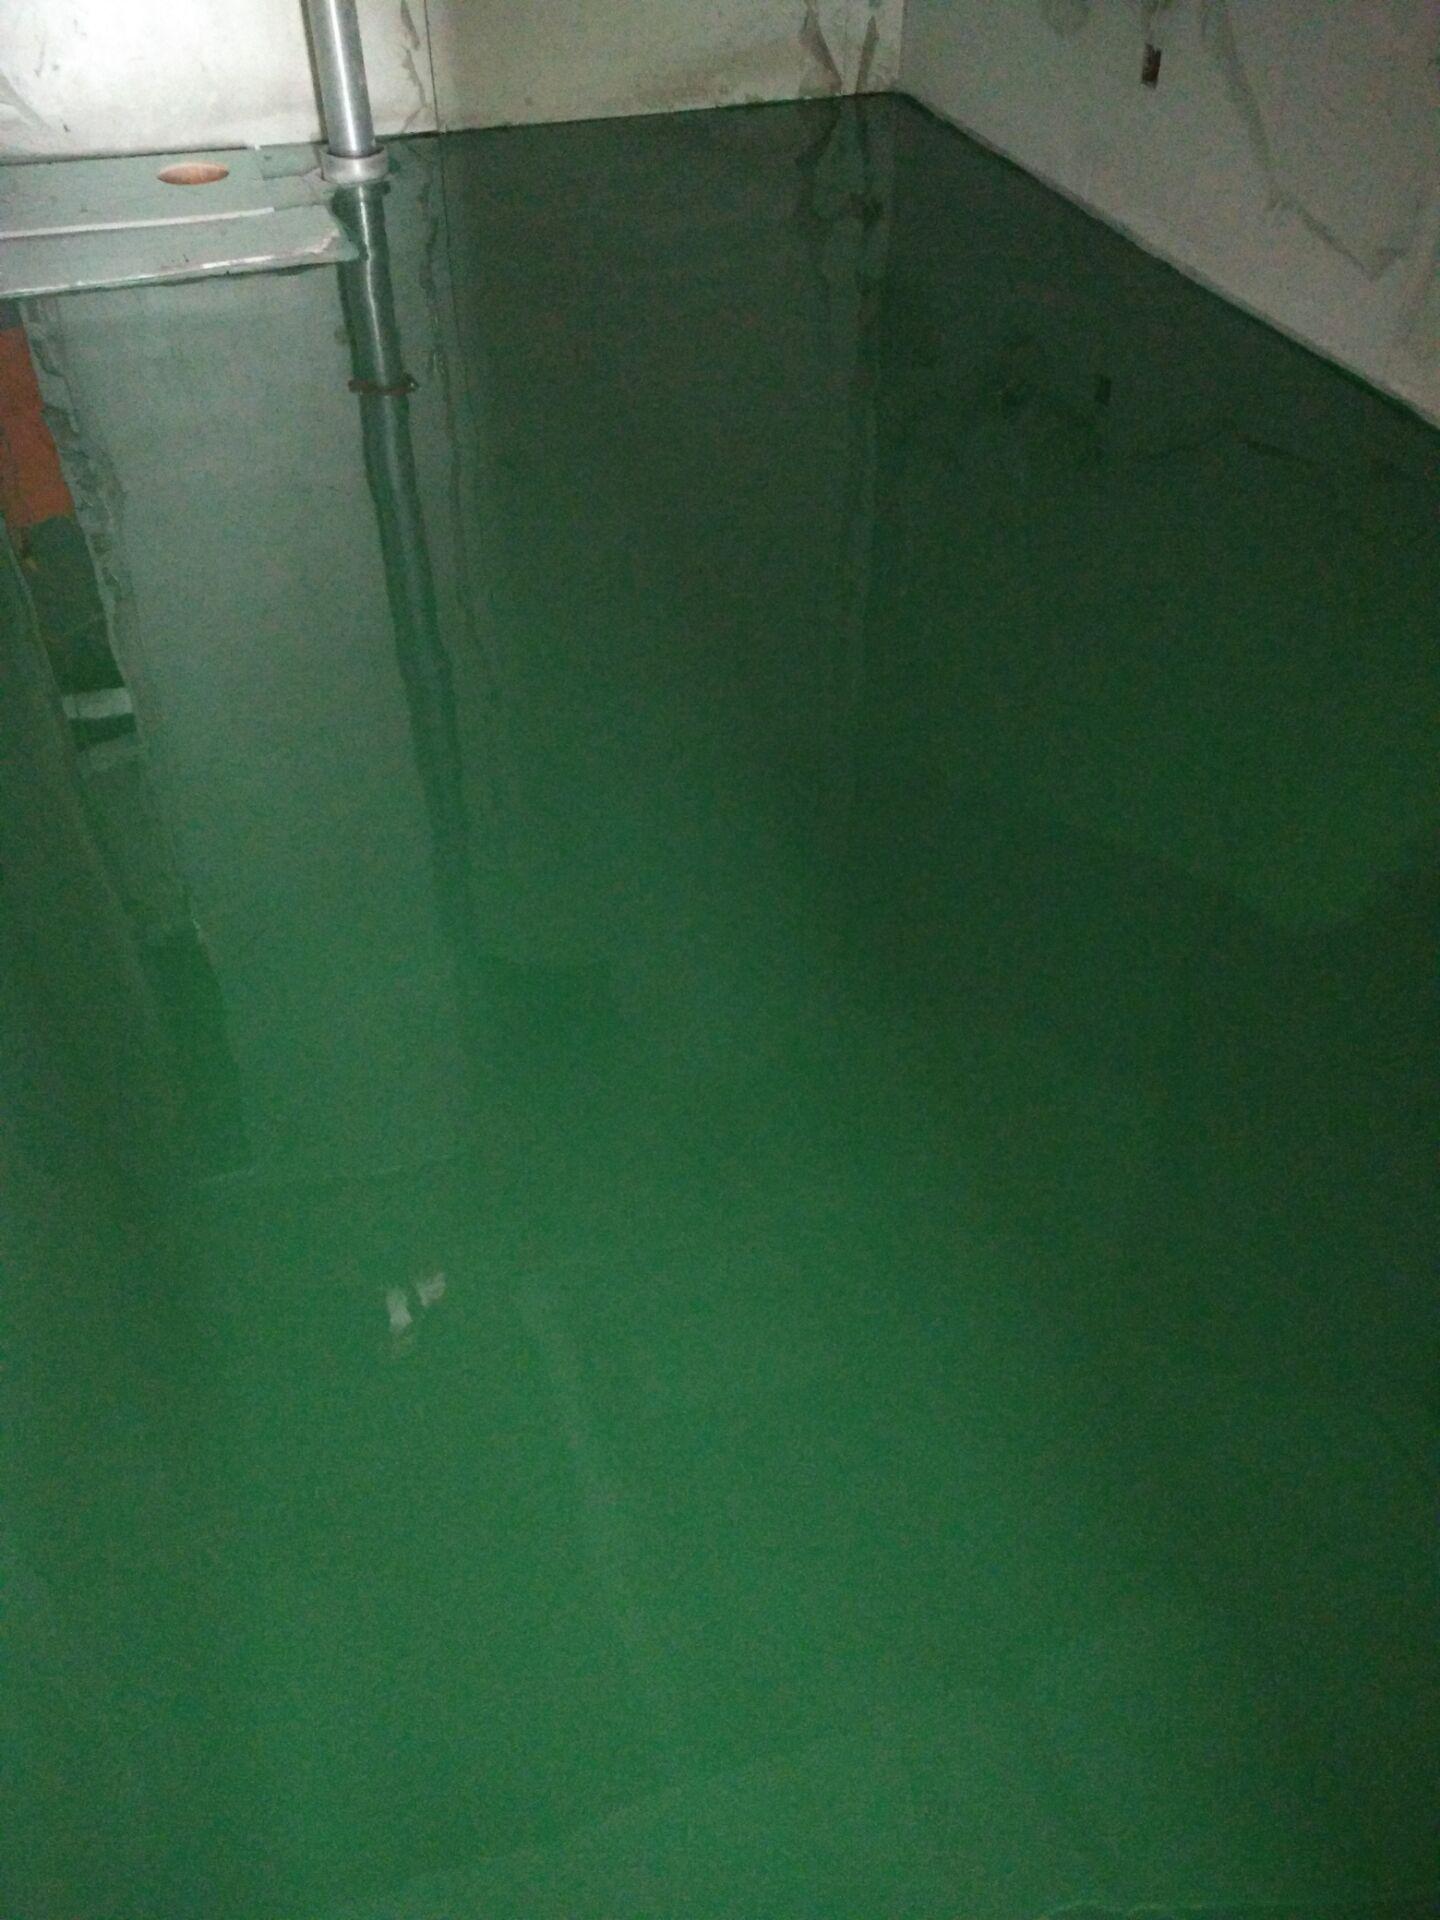 环氧浮动彩砂地坪厂家、环氧浮动彩砂地坪要求|地坪养护知识-武汉兴尚厦地坪工程有限公司